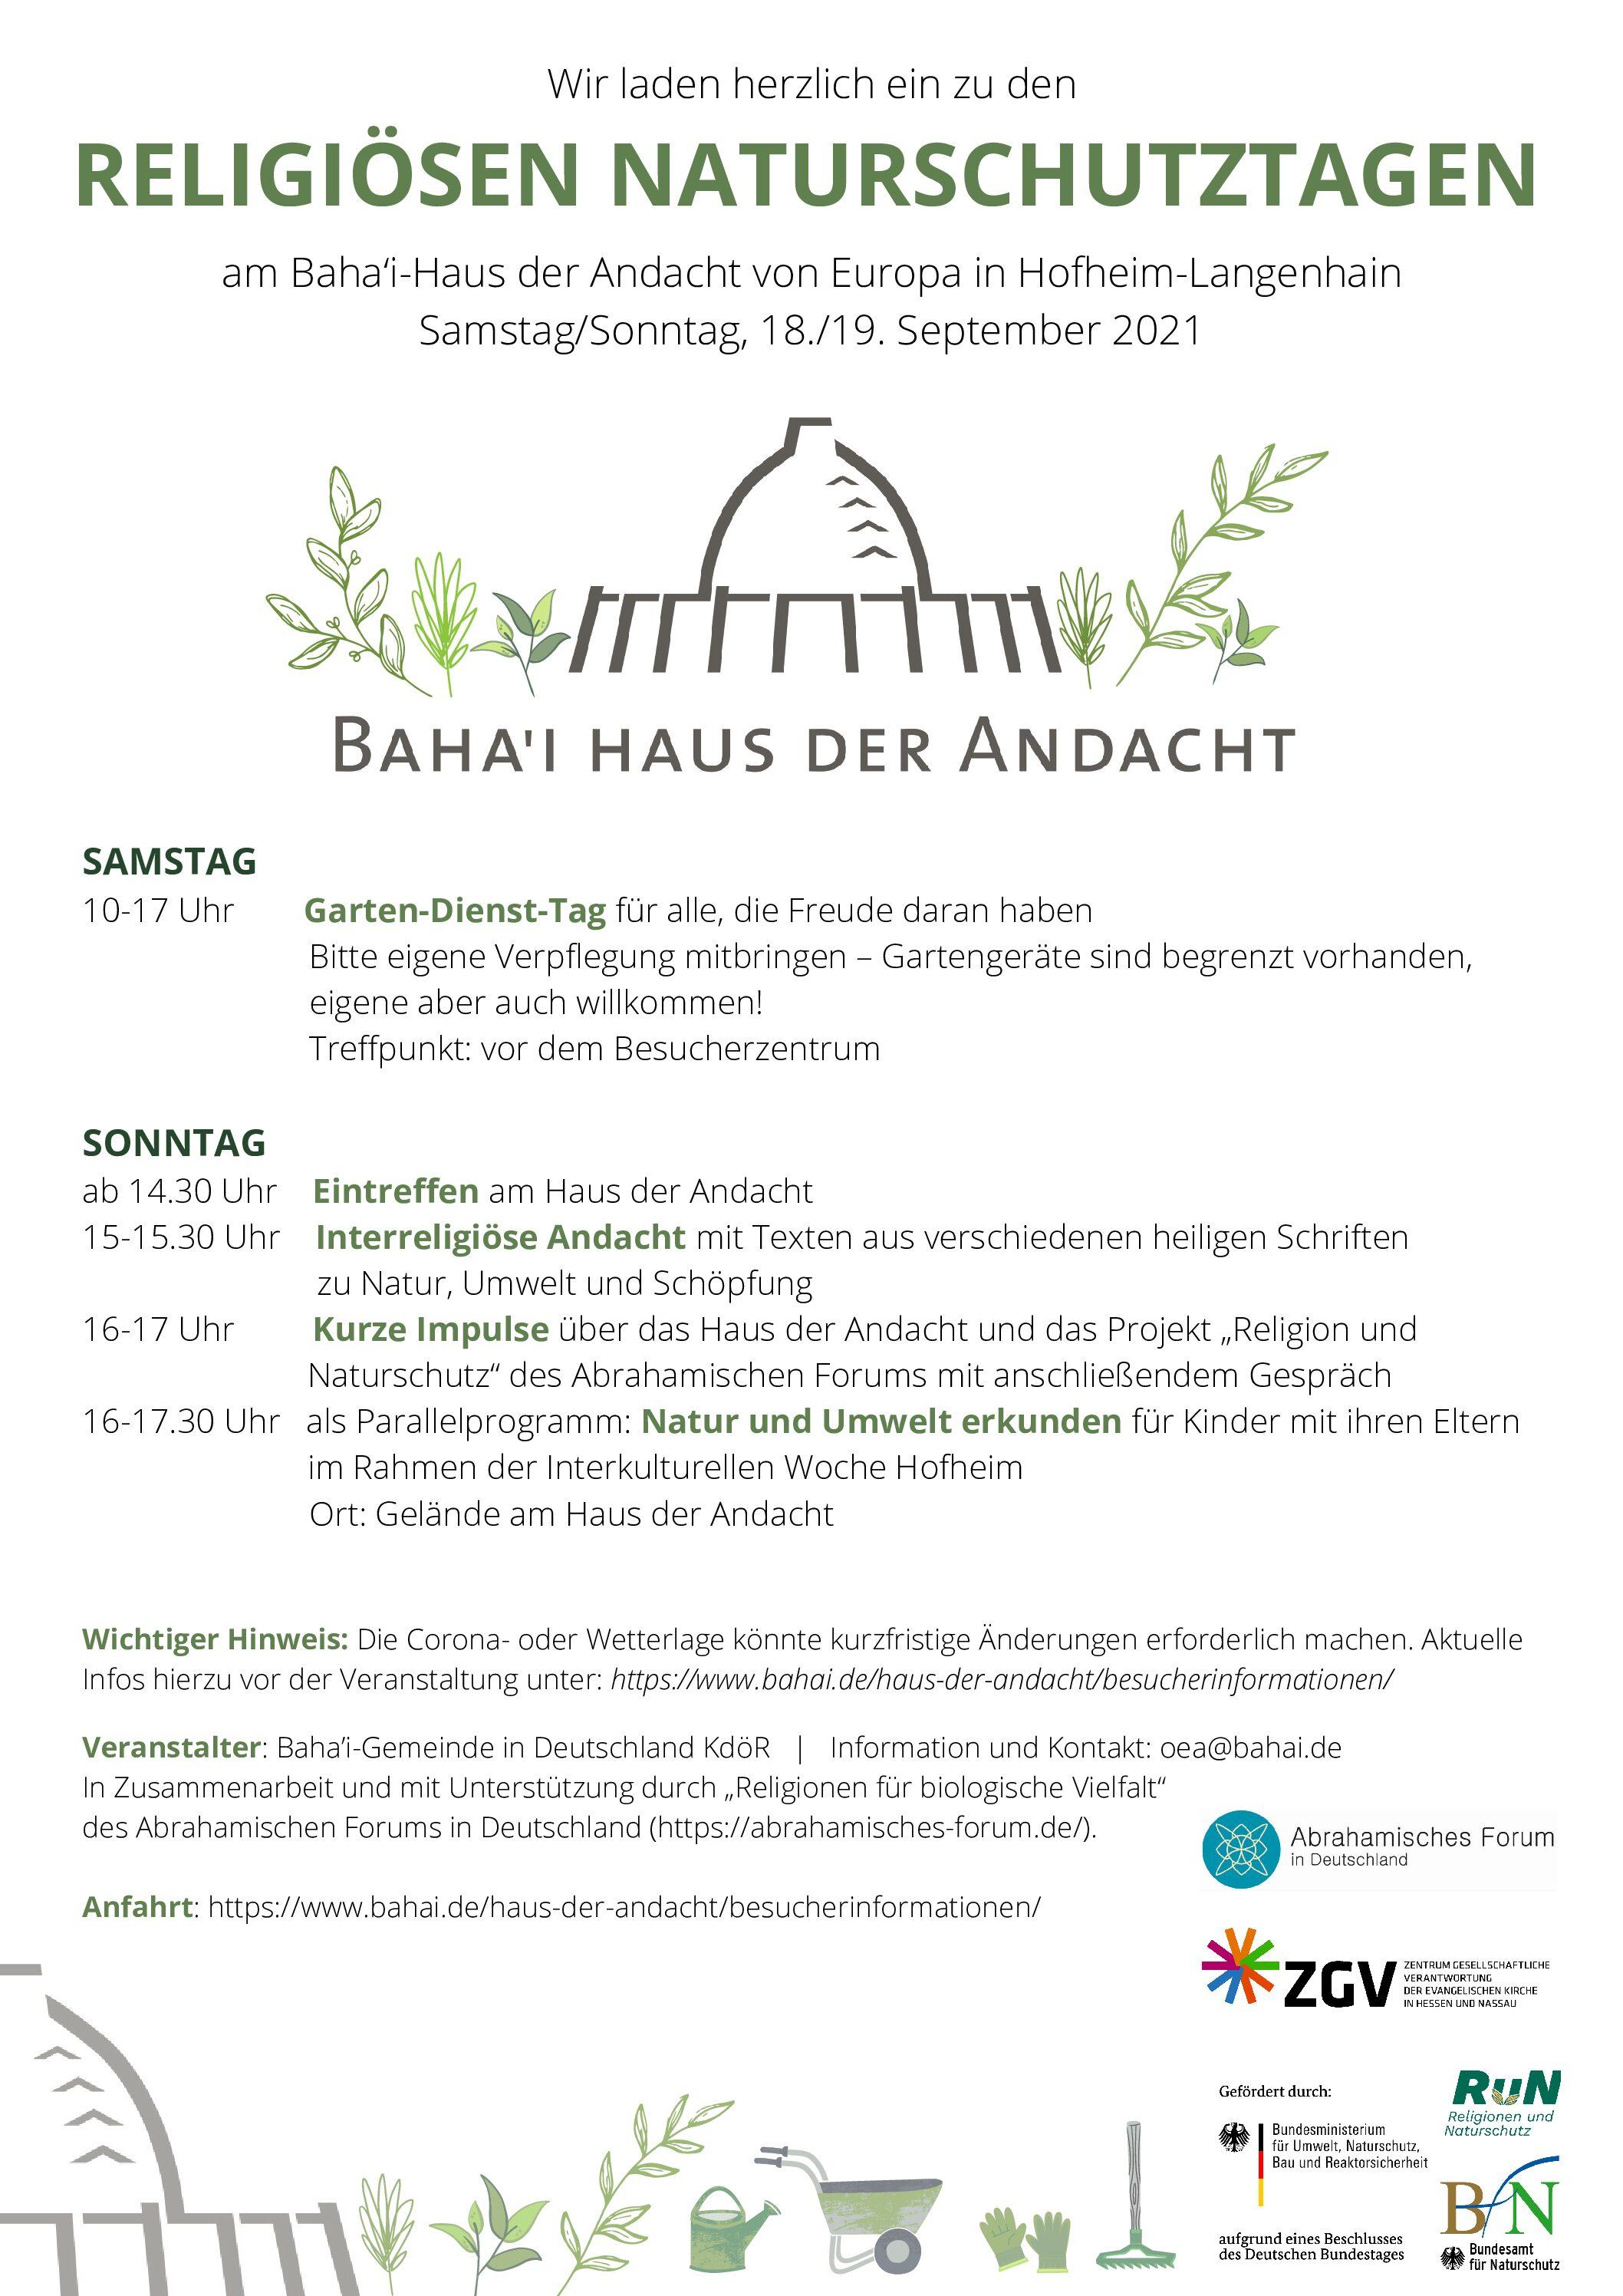 Hofheim: Gartendienst – Tag bei den Religiösen Naturschutztagen